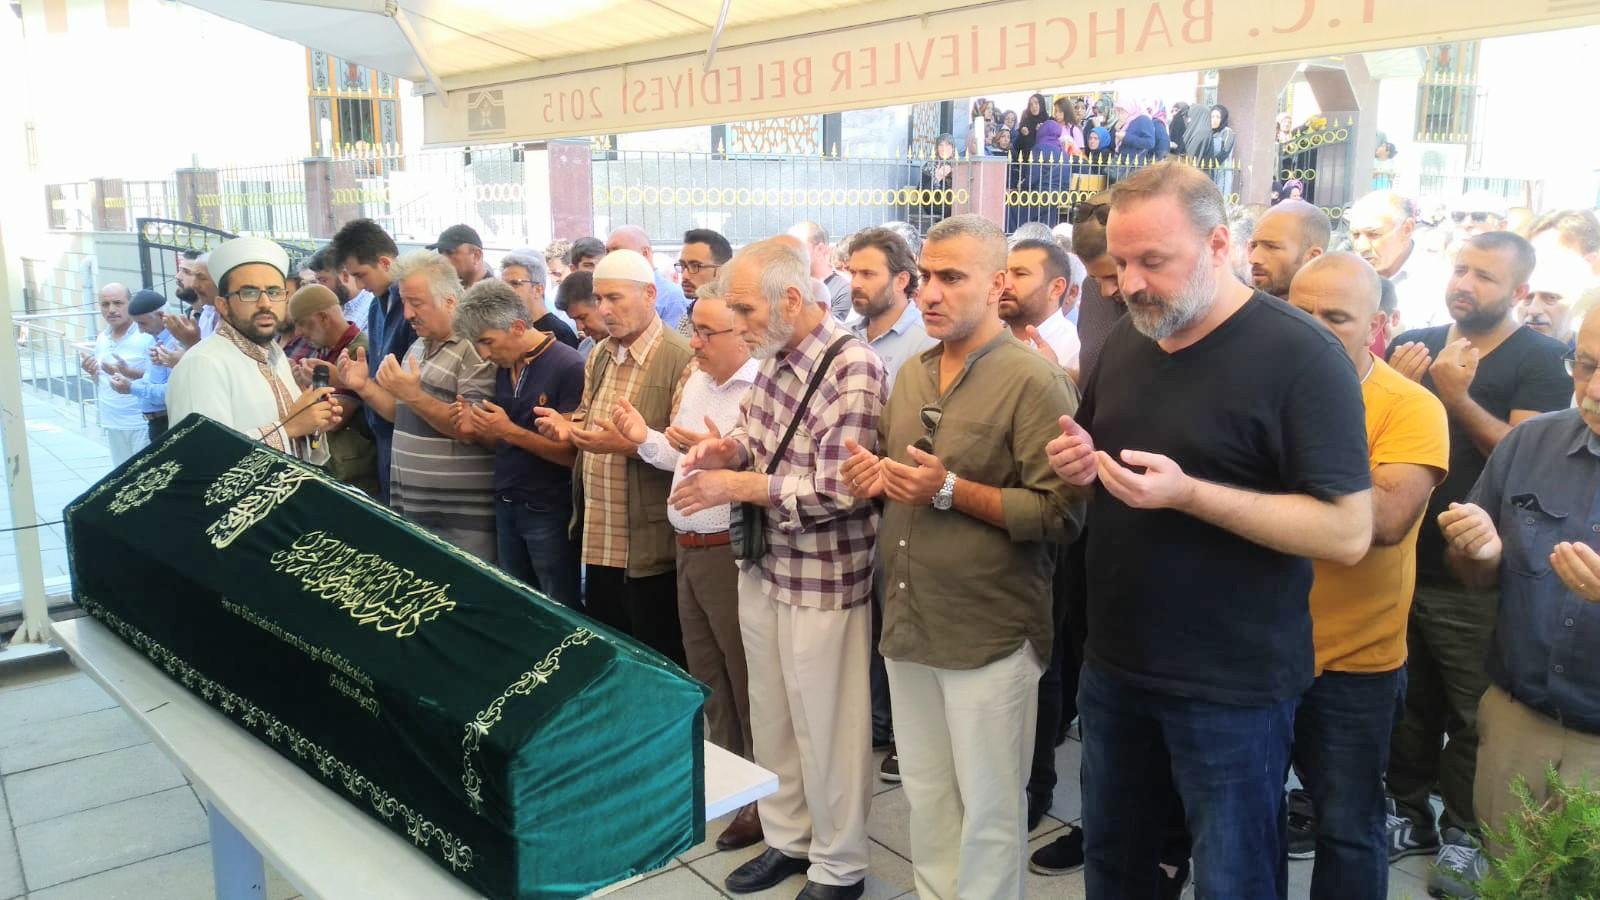 Ahmet Ertuğrul Aykul sevenlerini gözyaşlı geride bırakarak hakka yürüdü